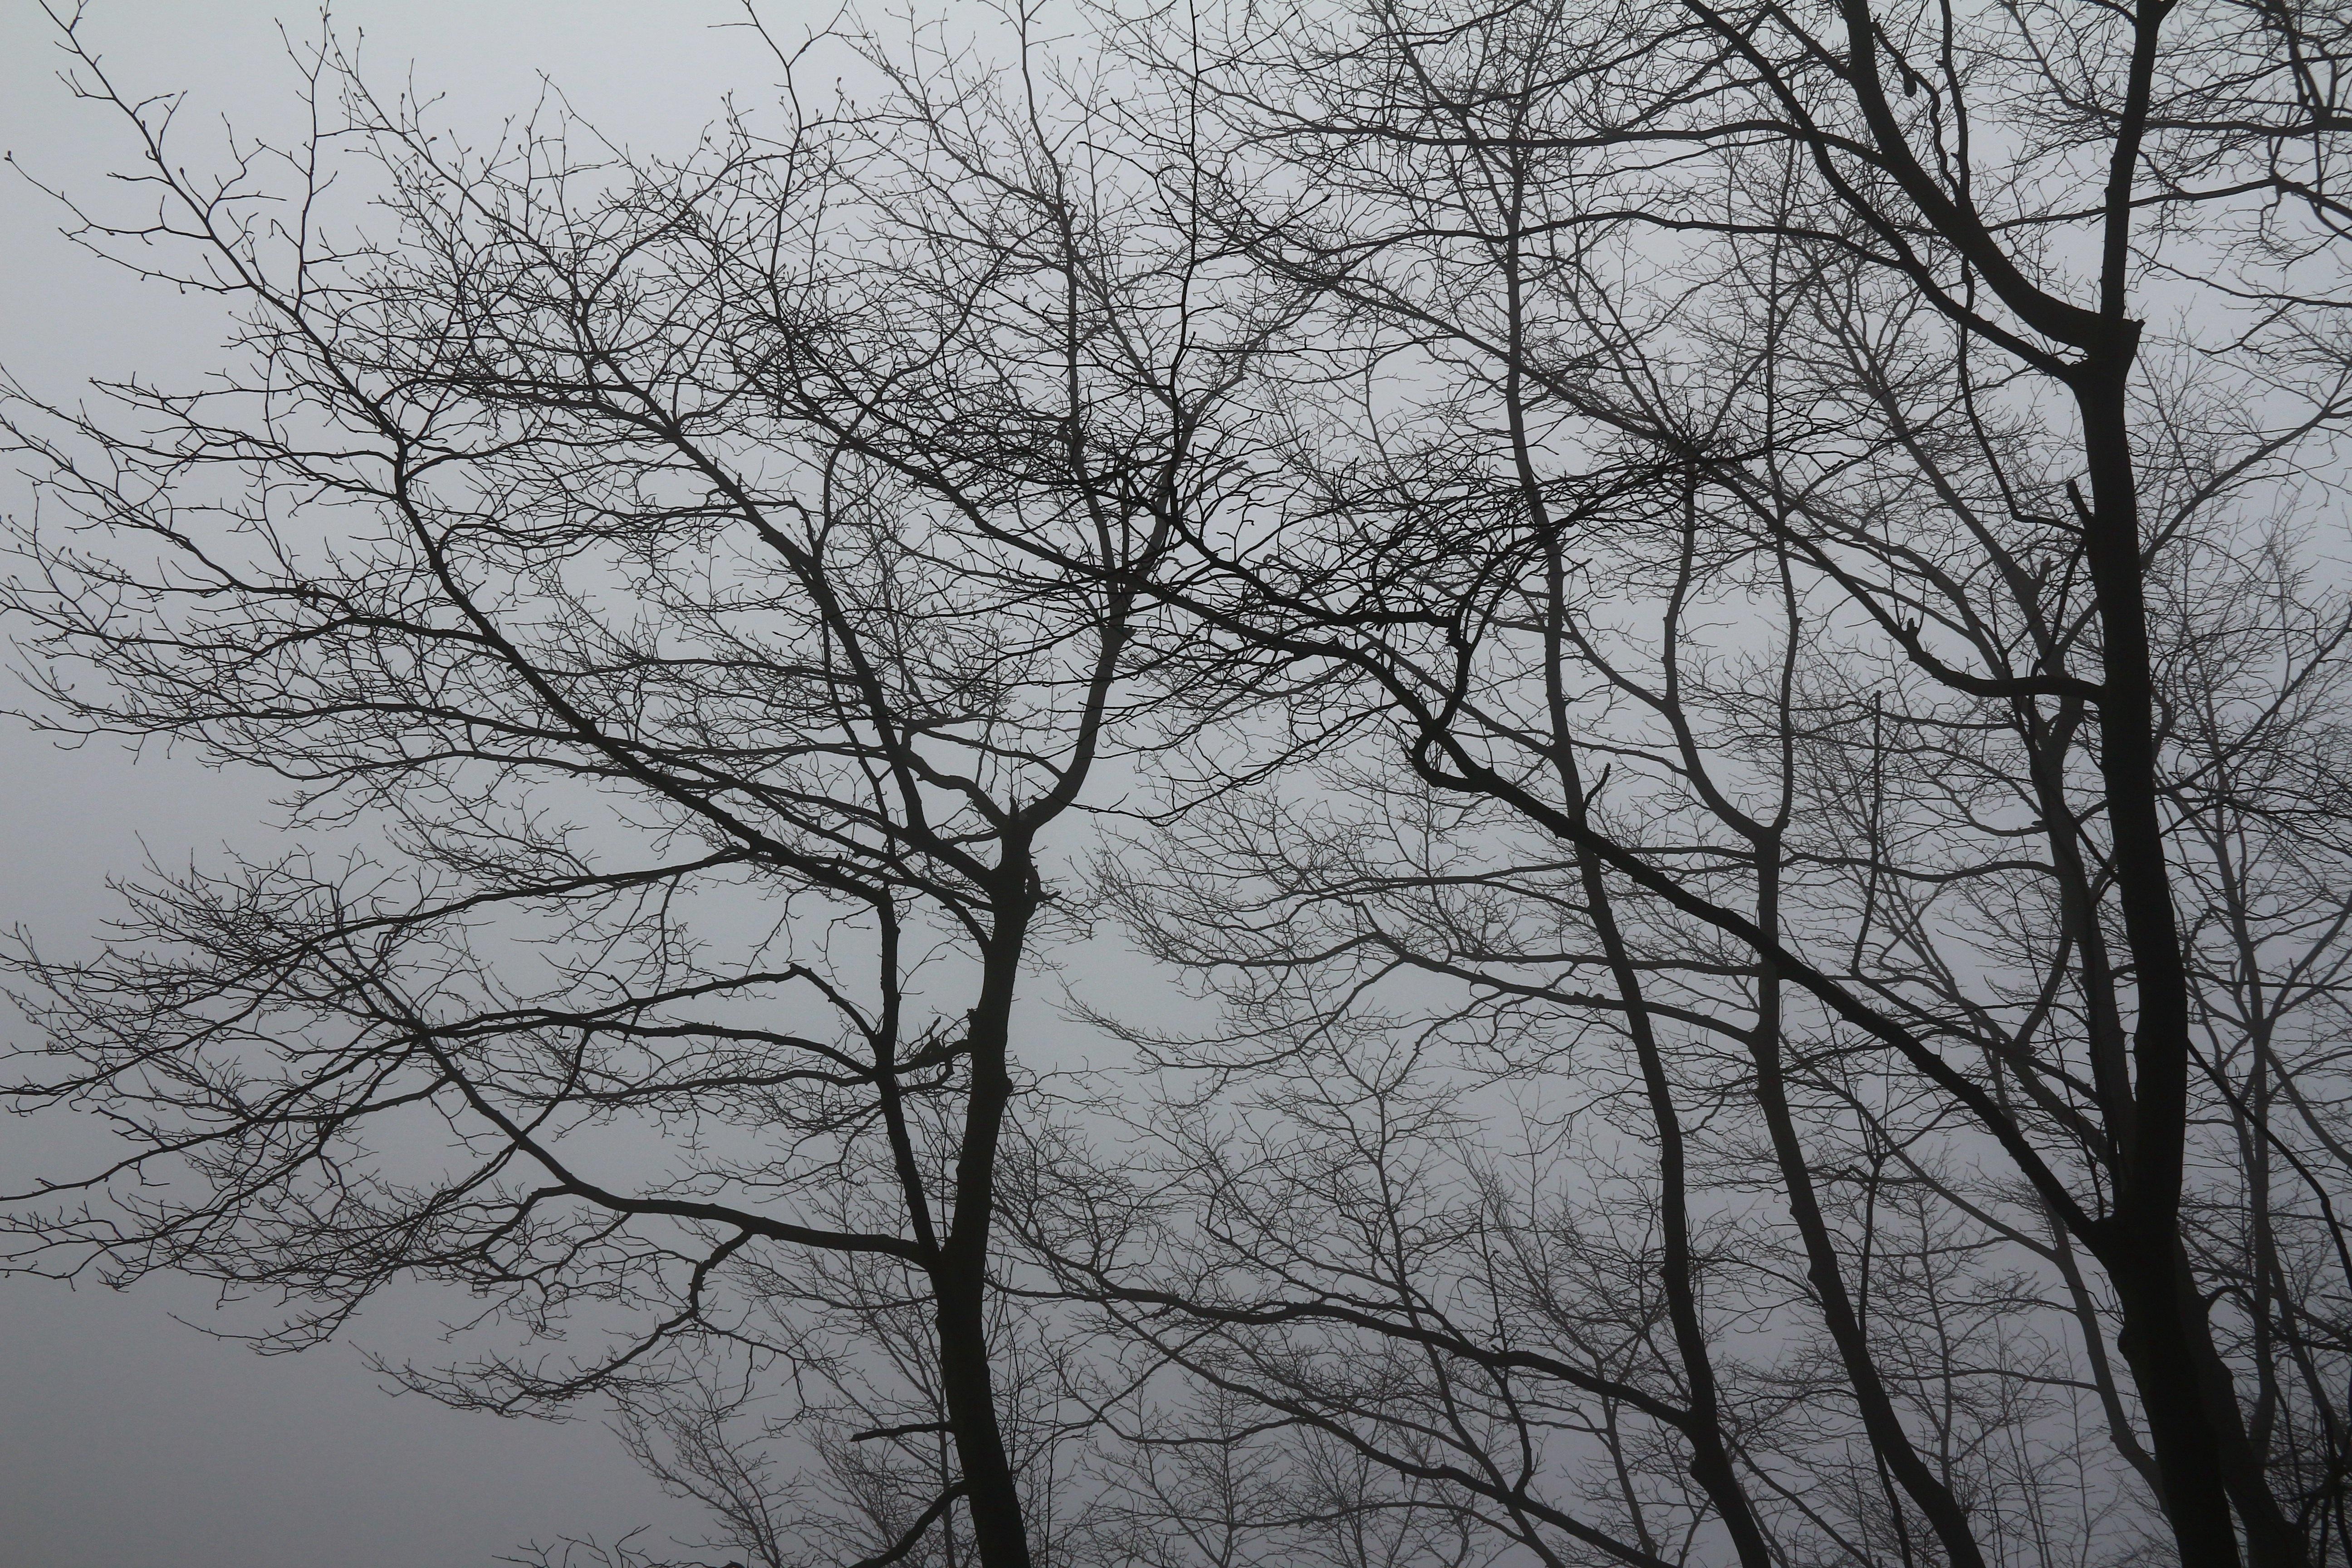 庐山烟雨游